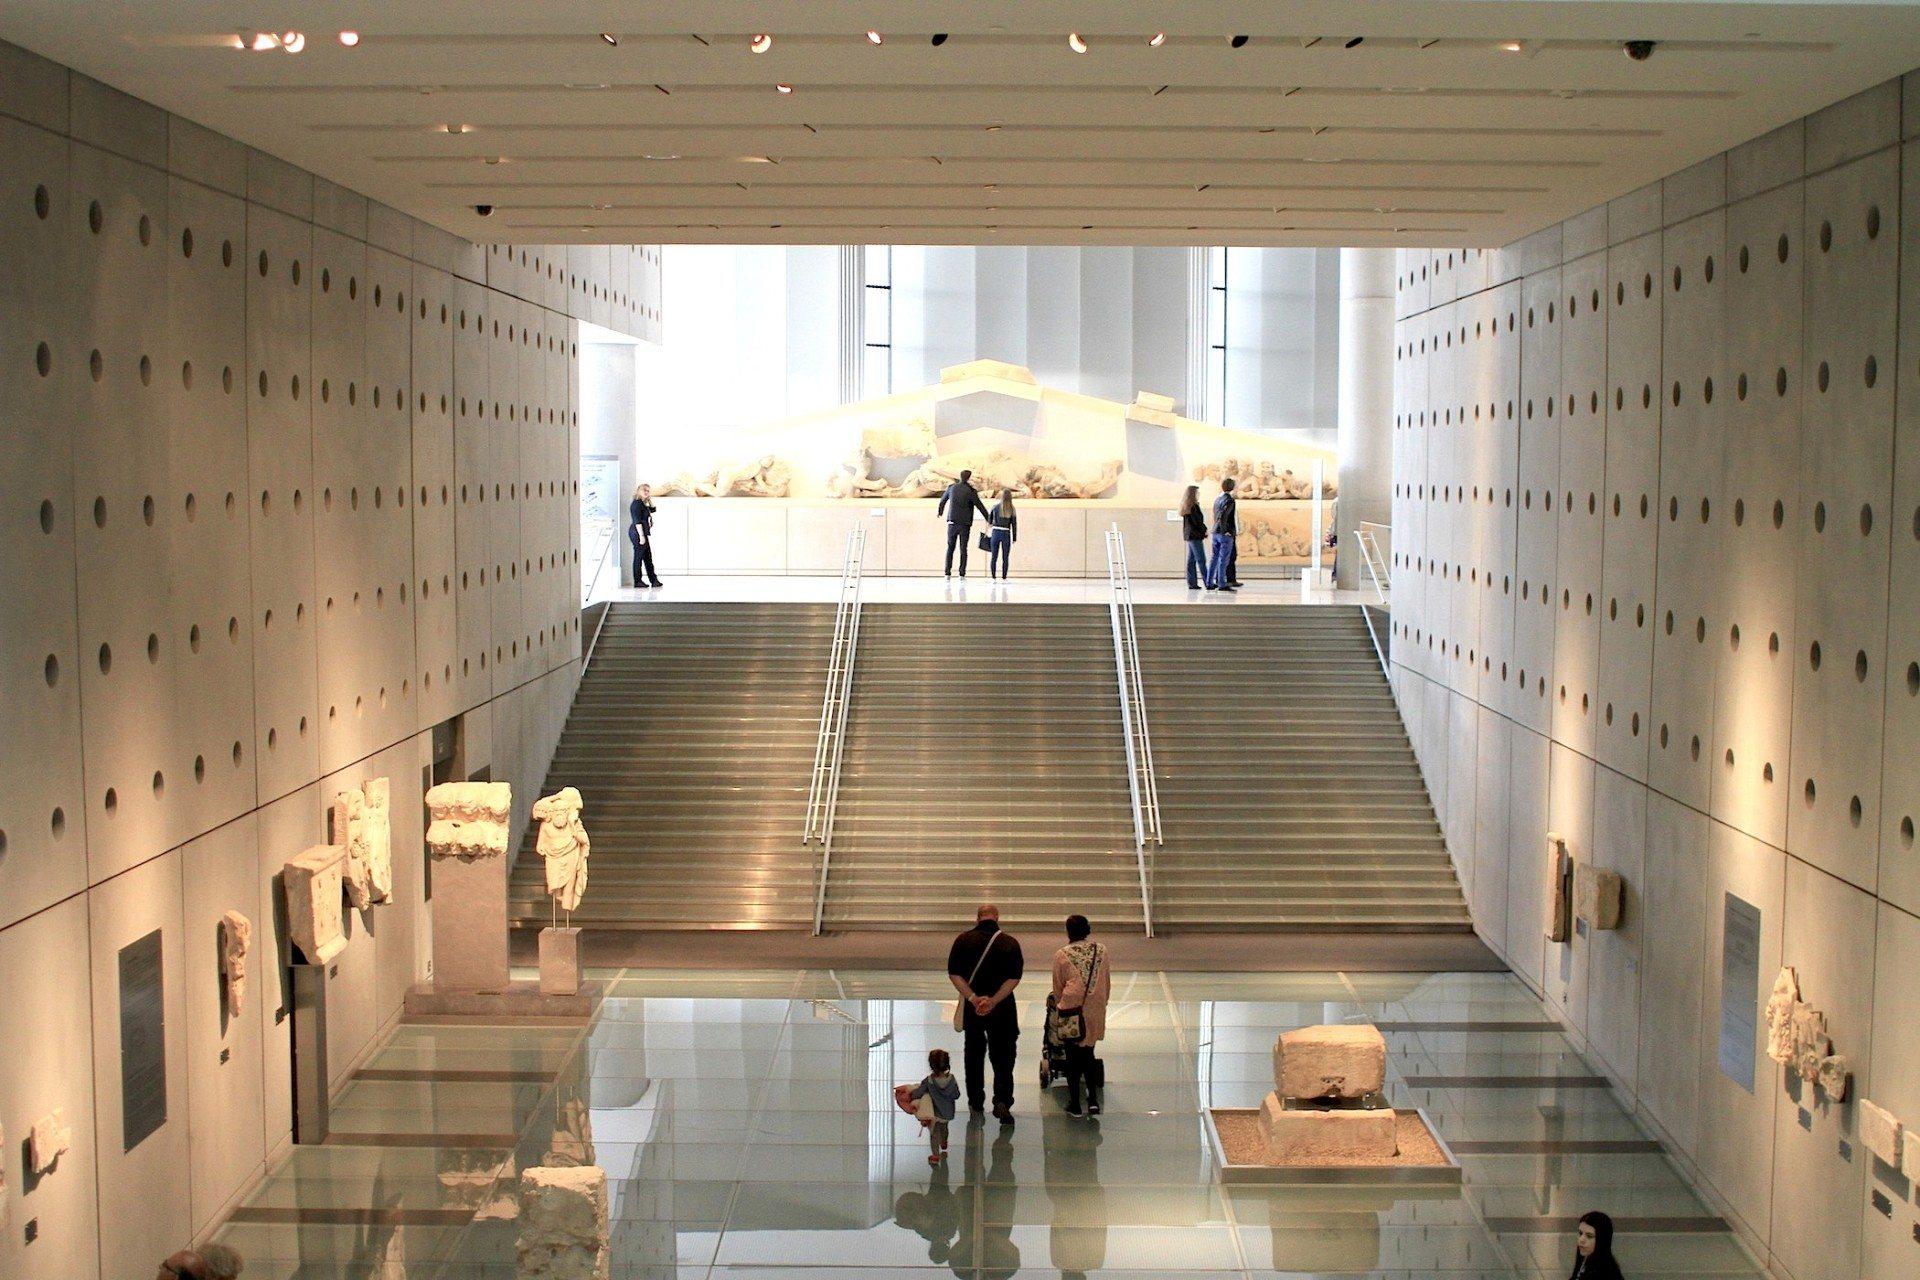 Aufsteigend. Eine gläserne Rampe und marmorne Freitreppe führt in den oberen Ausstellungssaal. Der Rundgang soll an den beschwerlichen Aufstieg auf den Tempelberg erinnern. Dieses Gefühl wird durch den Wechsel der Raumhöhe von fünf Metern auf das Dreifache verstärkt.